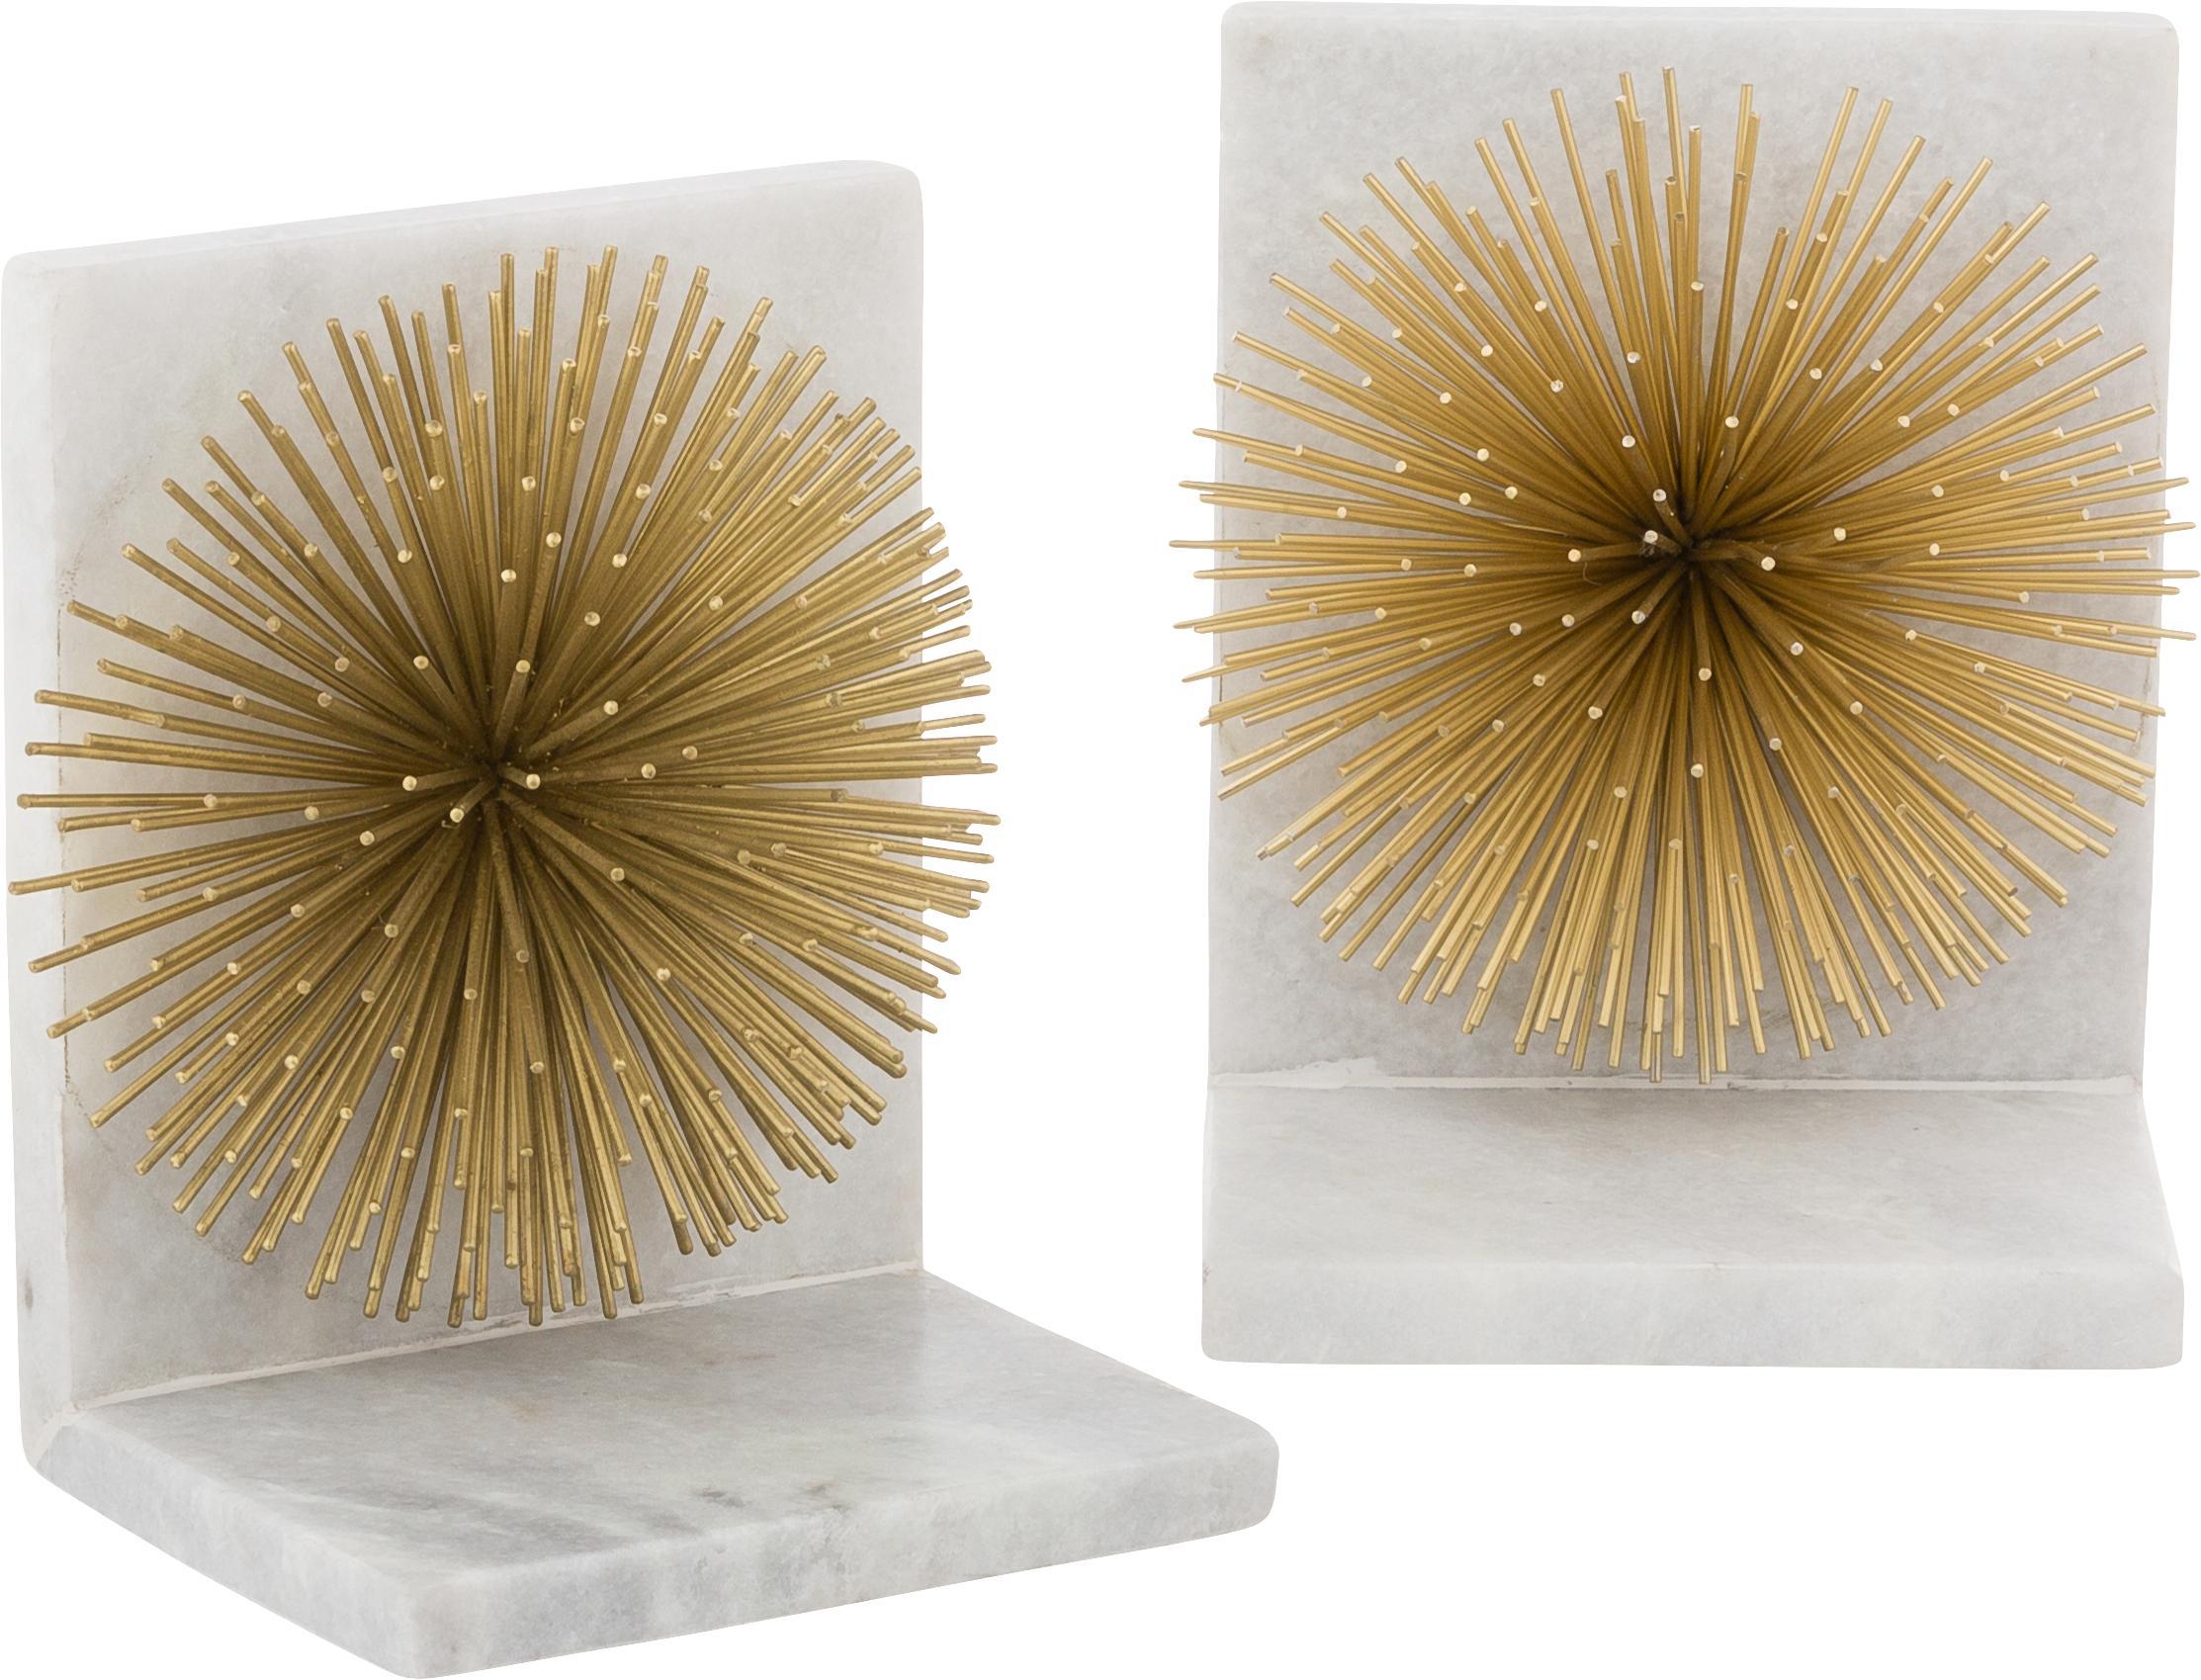 Reggilibri Marburch, 2 pz., Ornamento: metallo, Reggilibri: marmo chiaro, dettaglio: dorato, fondo: feltro, L 14 x A 17 cm